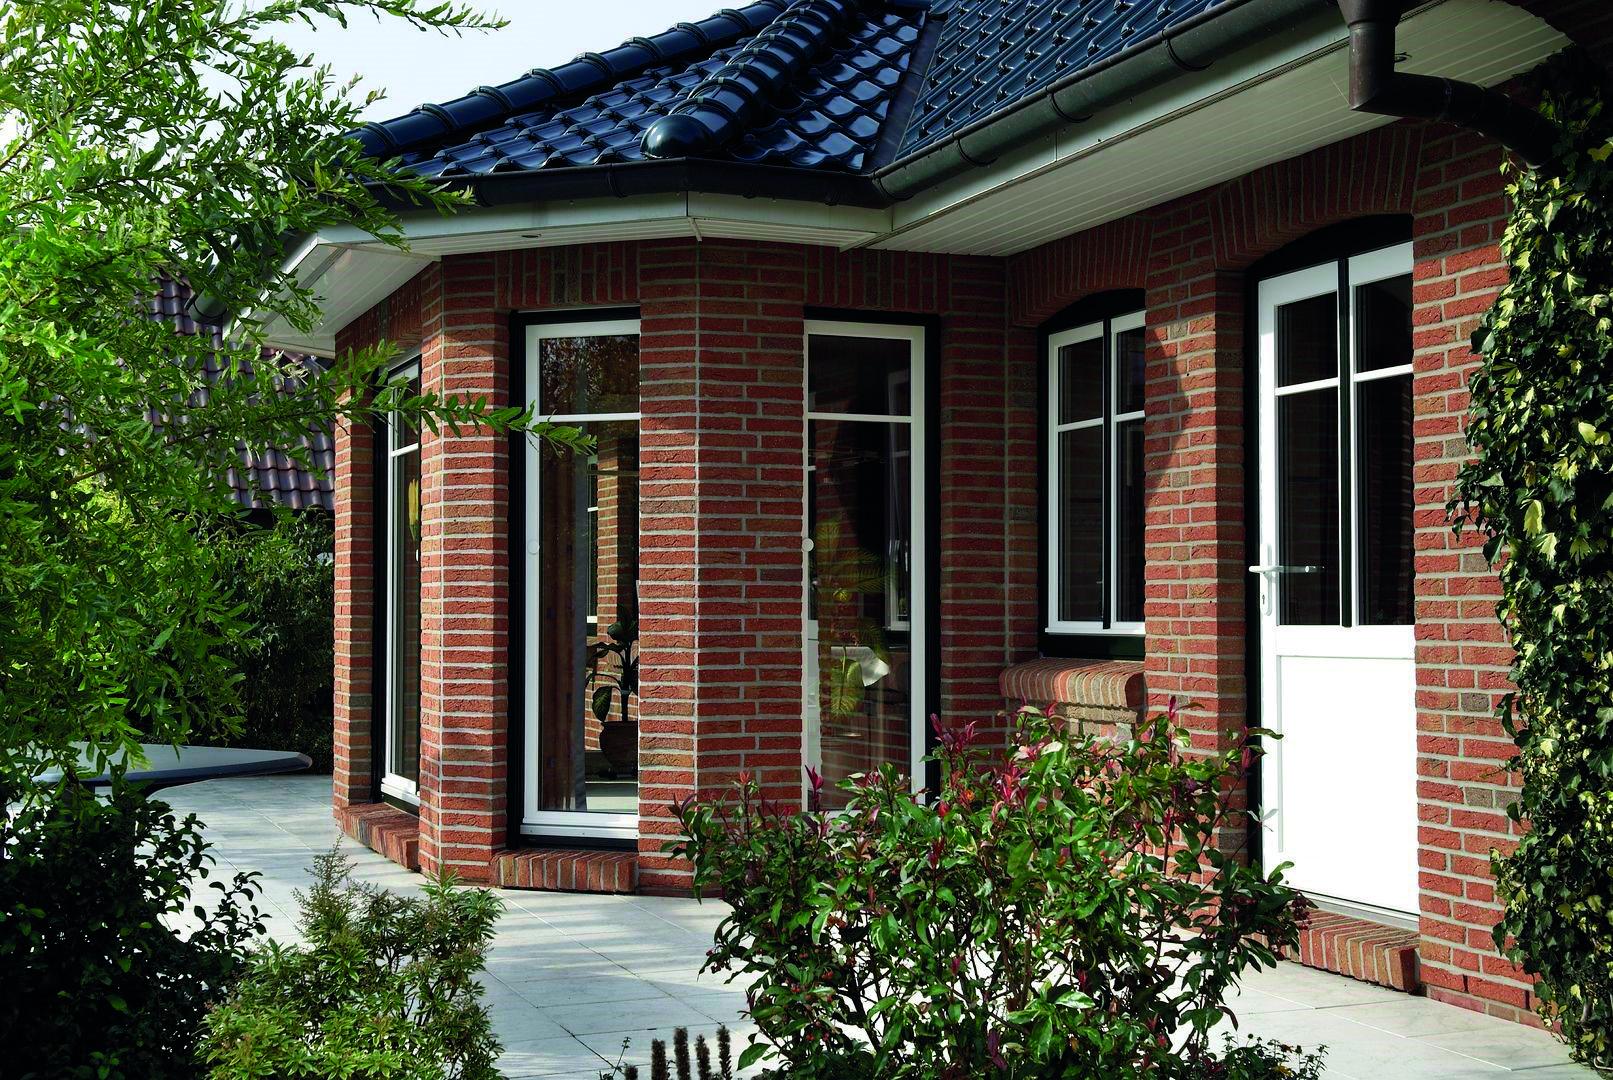 Bodentiefe Fensterelemente, zweifarbig und mit